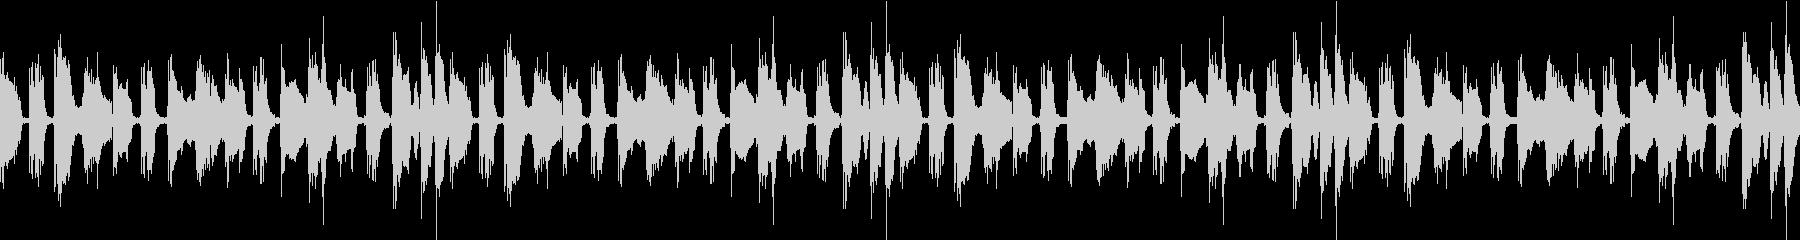 カウボーイブルースループの未再生の波形